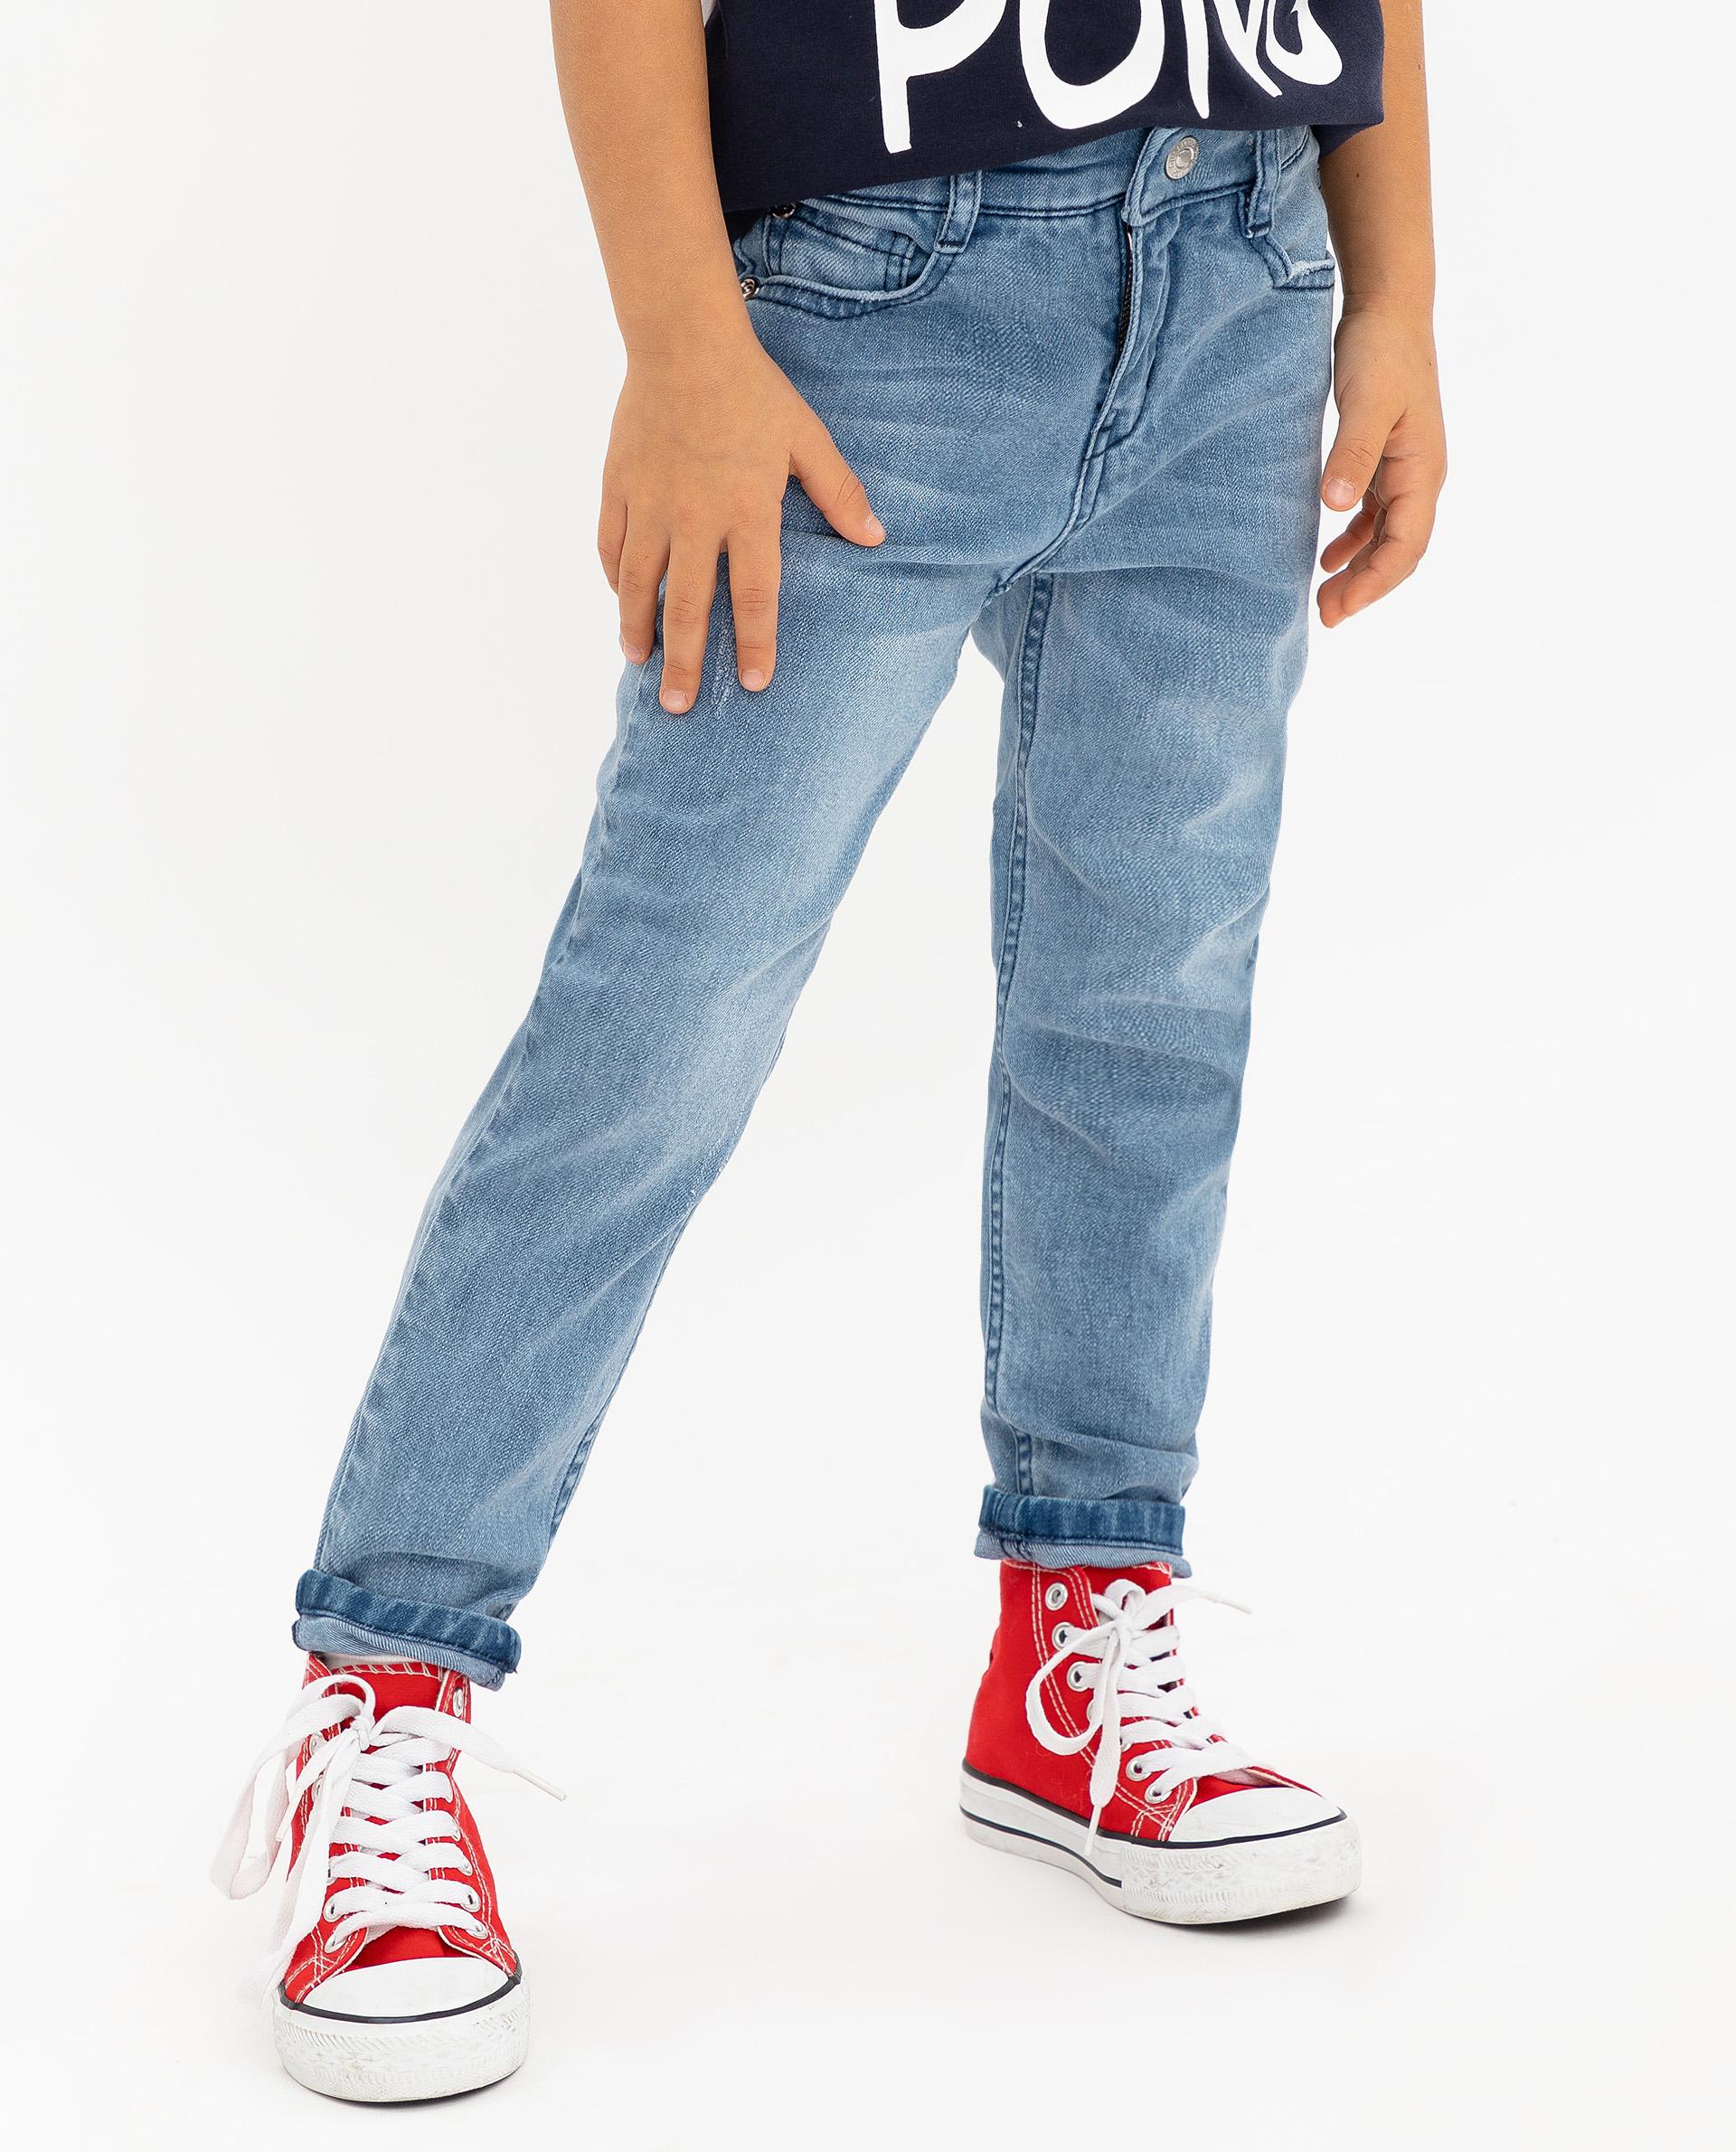 Купить 12003GMC6305, Голубые джинсы Gulliver, голубой, 104, Женский, ВЕСНА/ЛЕТО 2020 (shop: GulliverMarket Gulliver Market)